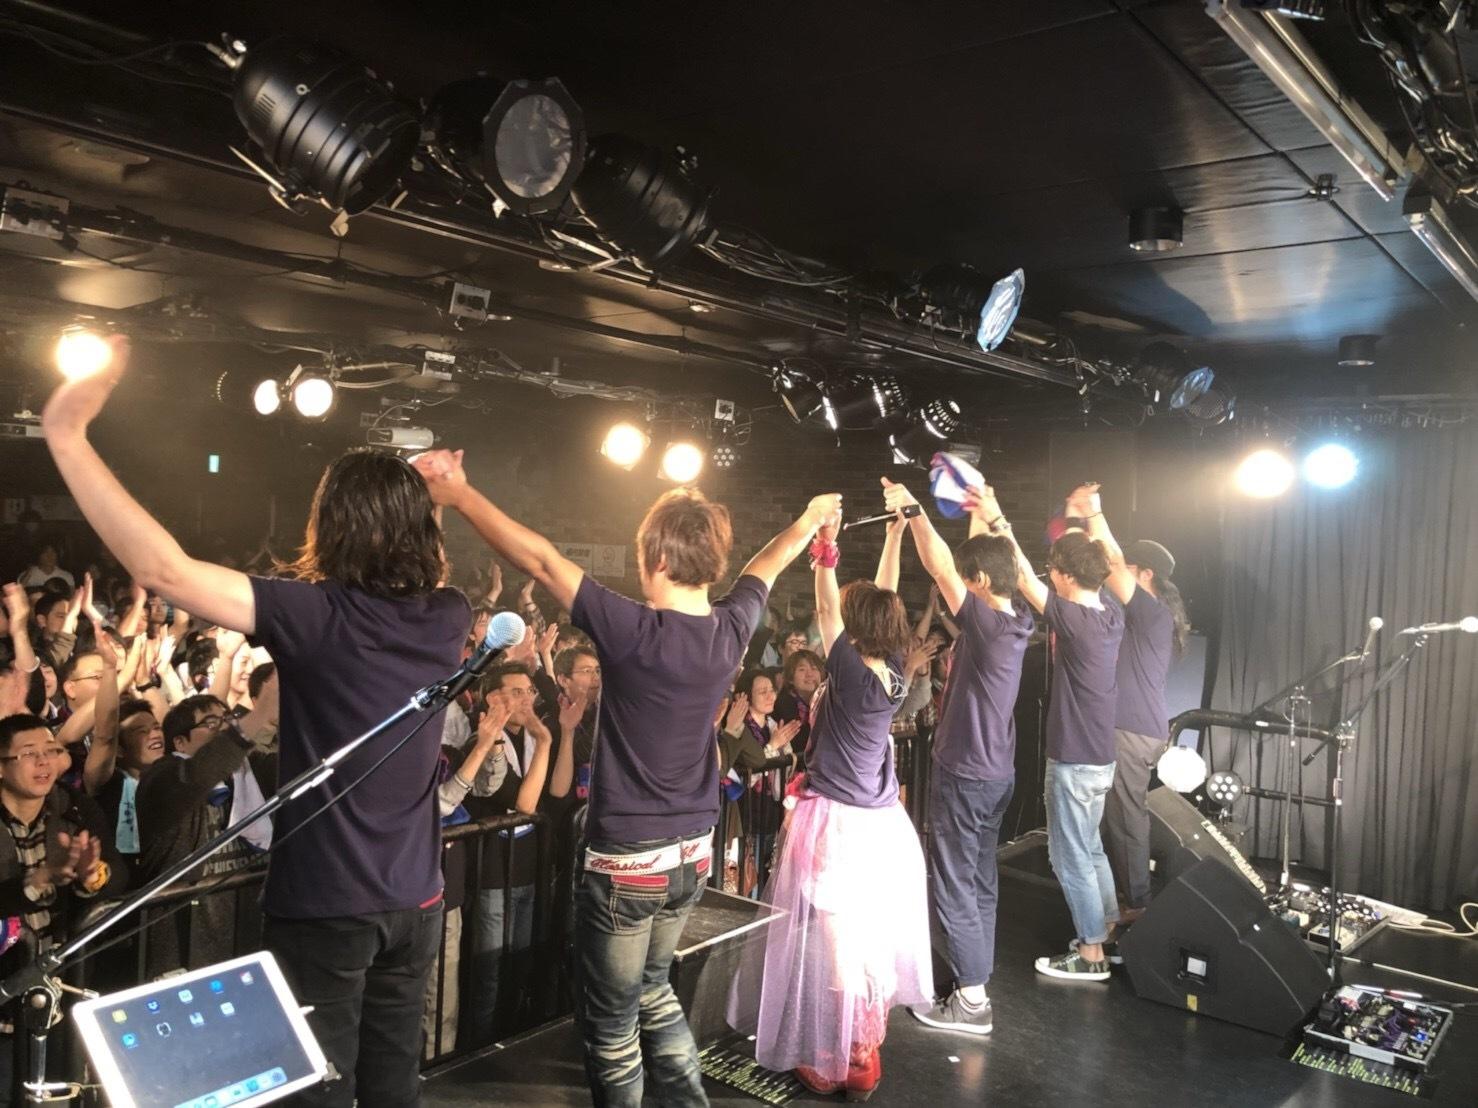 ありがとう💕「Chihiro Yonekura LIVE CARNIVAL 2018~Give me five!~ 」メモリー前編✨_a0114206_17585838.jpeg